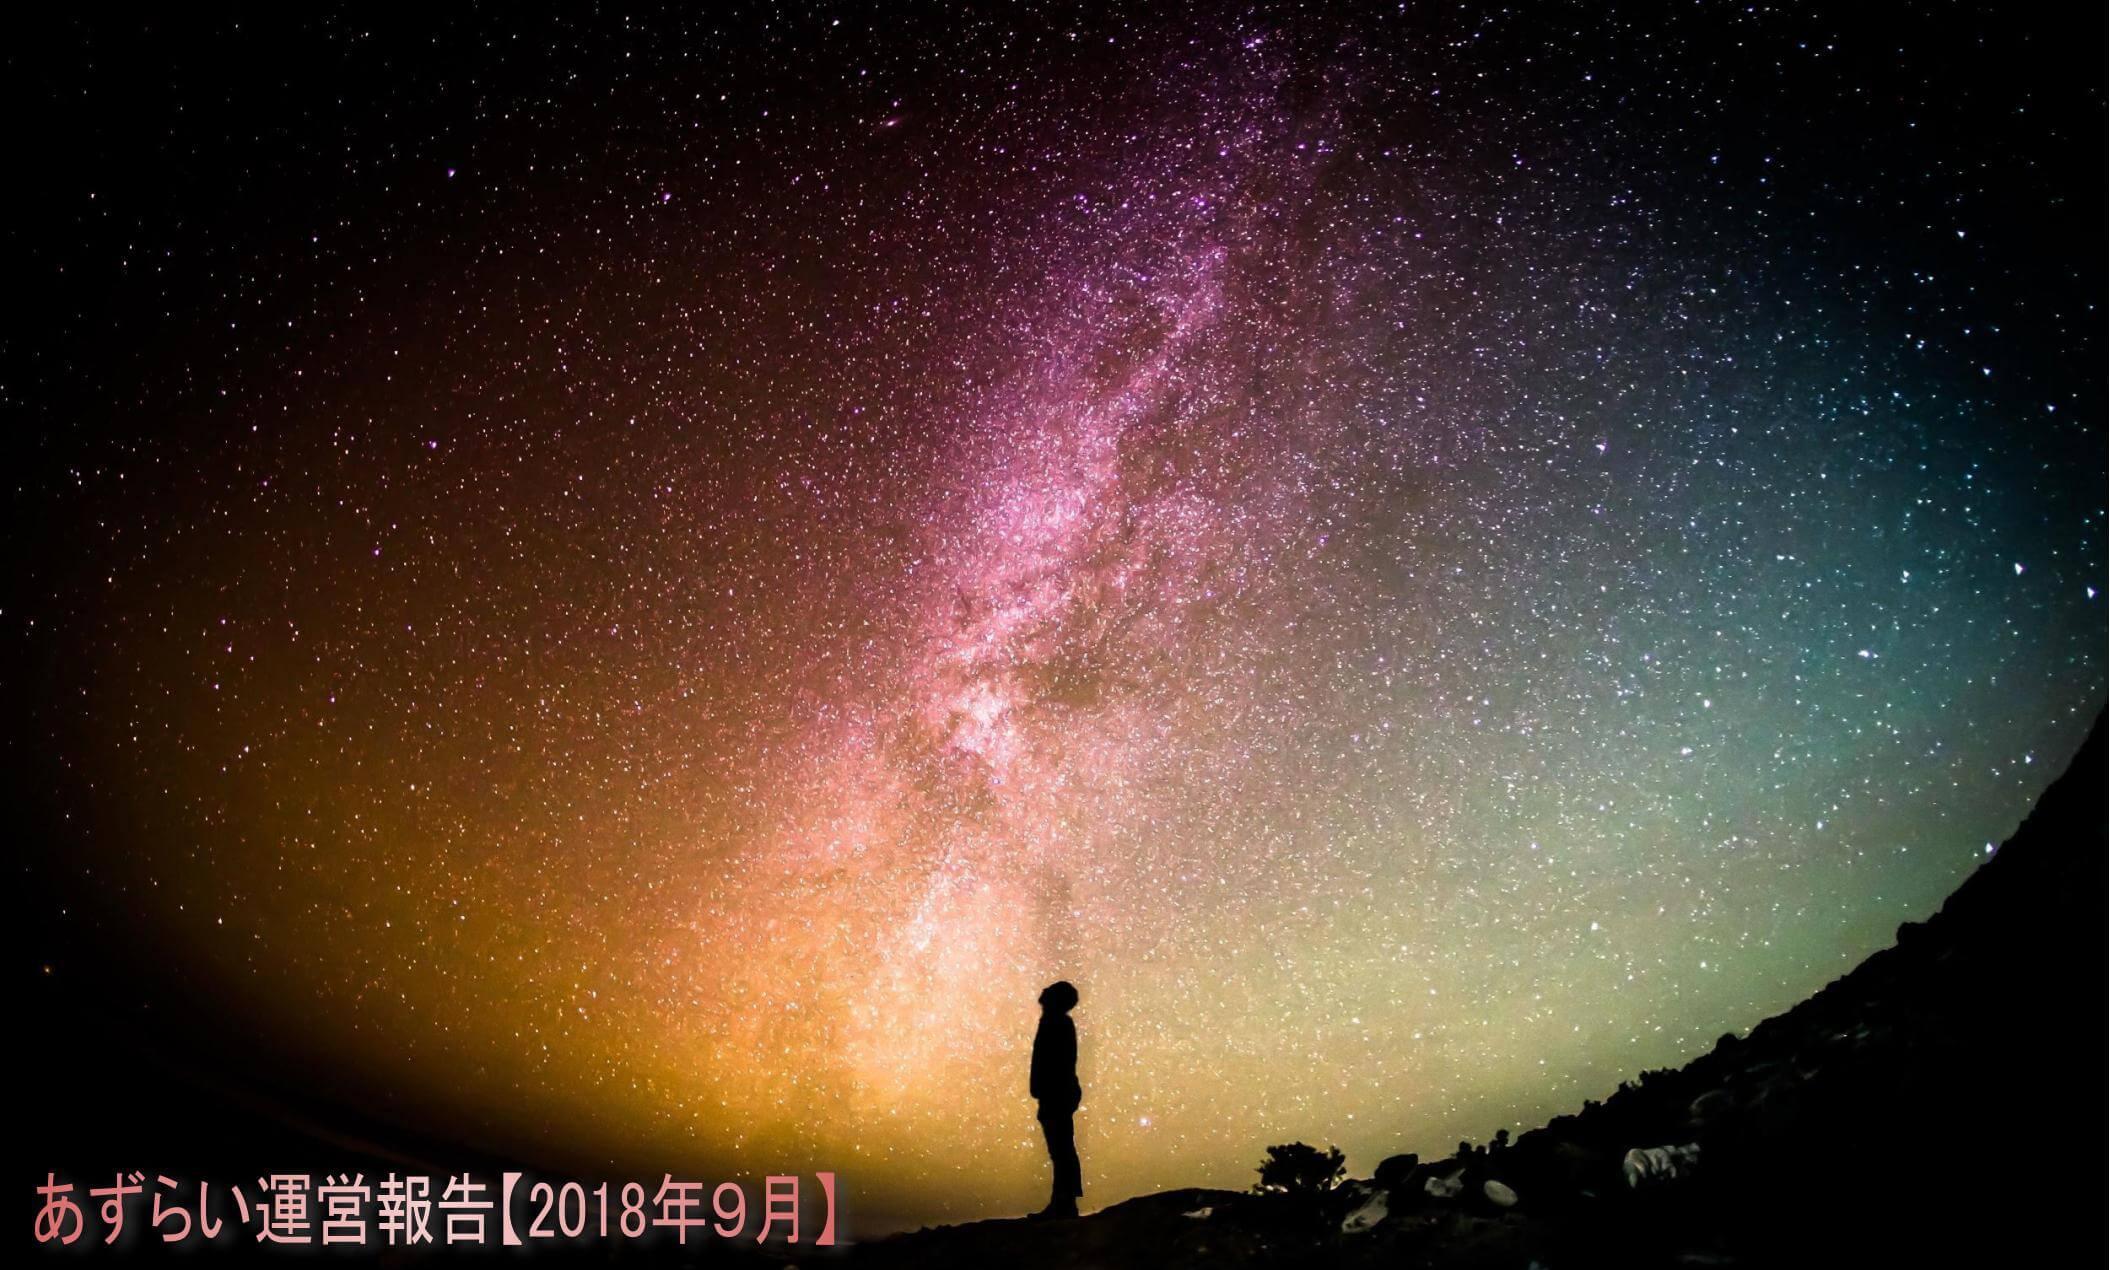 幻想的な天の川「あずらい運営報告【2018年9月】」